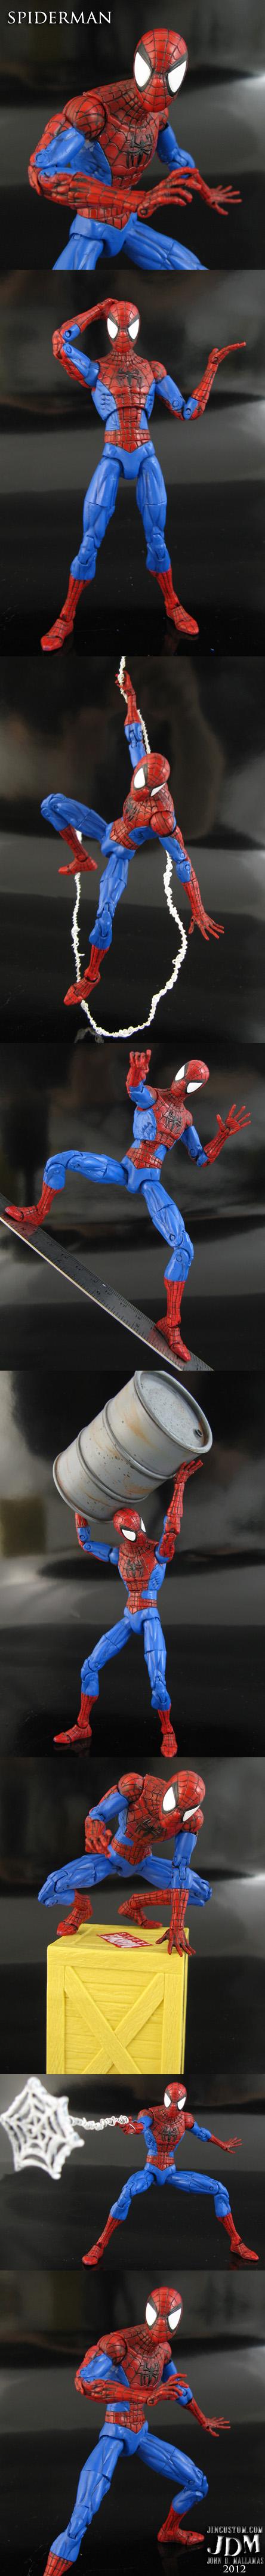 Spiderman Marvel Legends